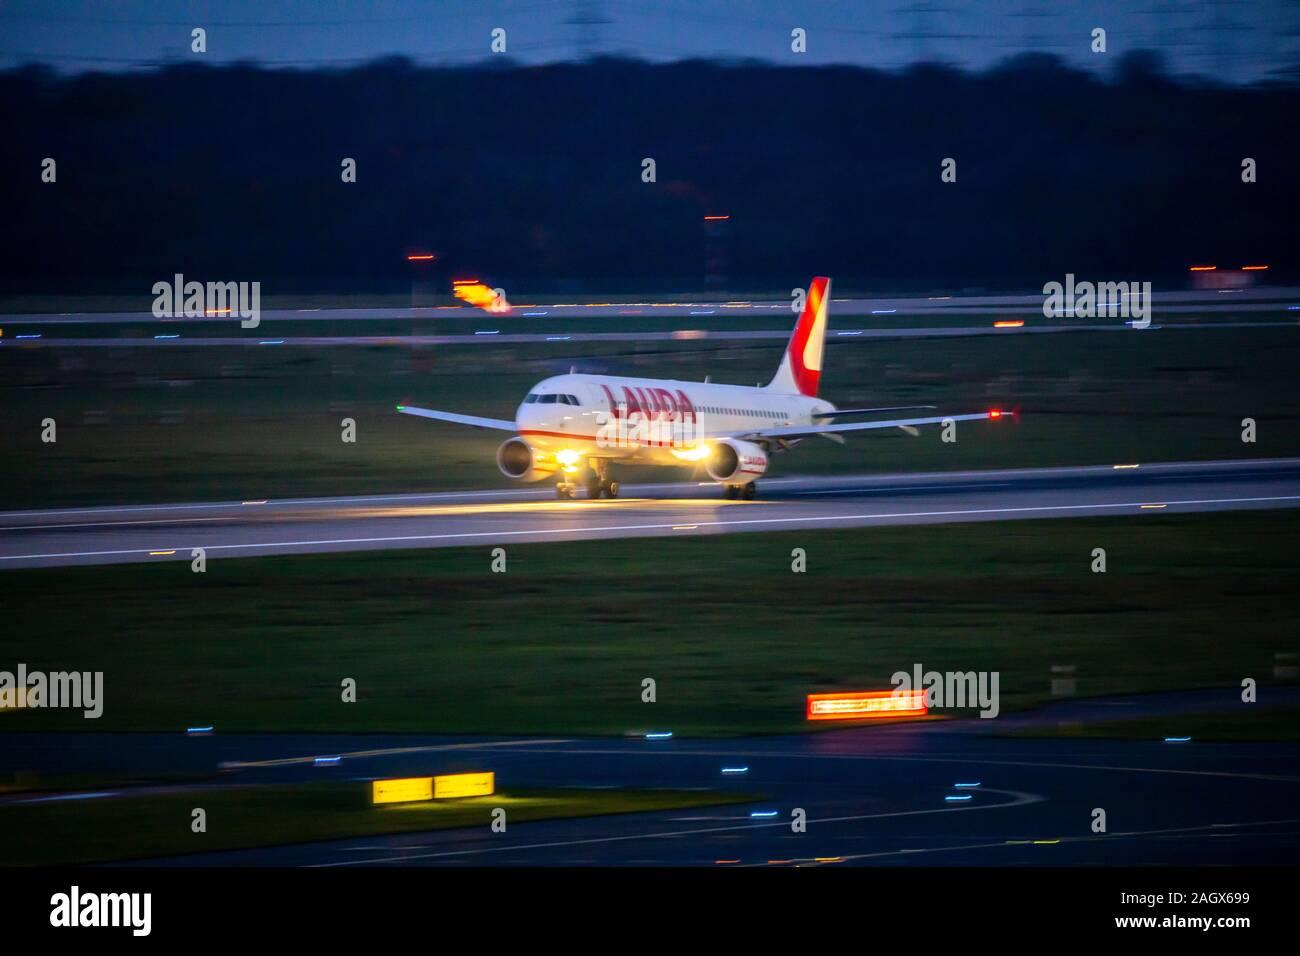 L'Aéroport International de DŸsseldorf, DHS, les décollages de nuit, Laudamotion, Banque D'Images